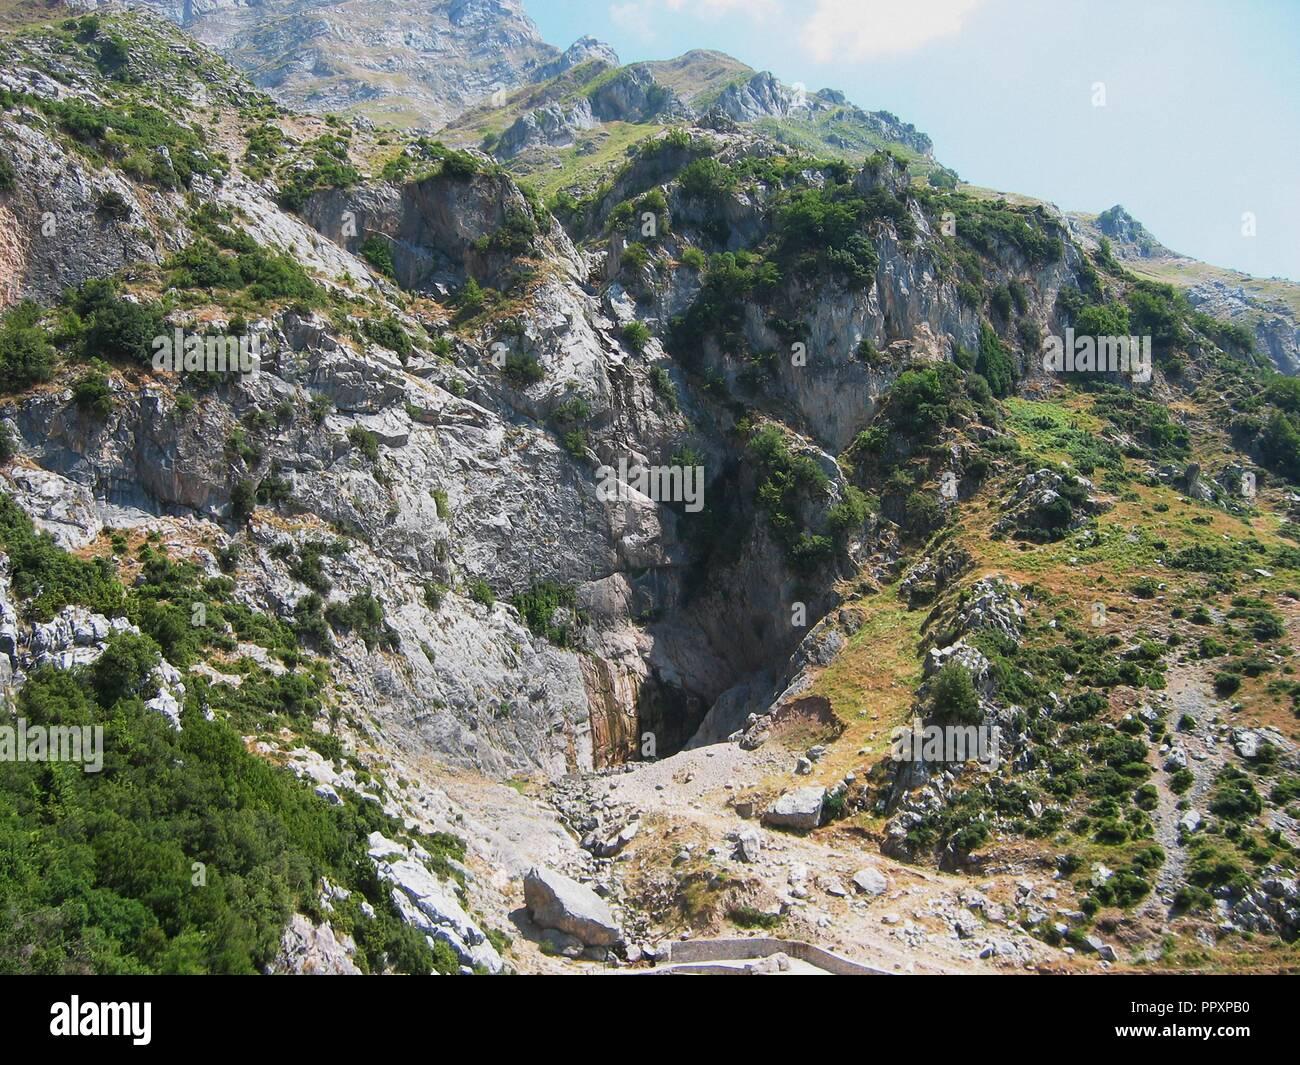 Agnanta Waterfall at Tzoumerka mountain Epirus Greece - Stock Image